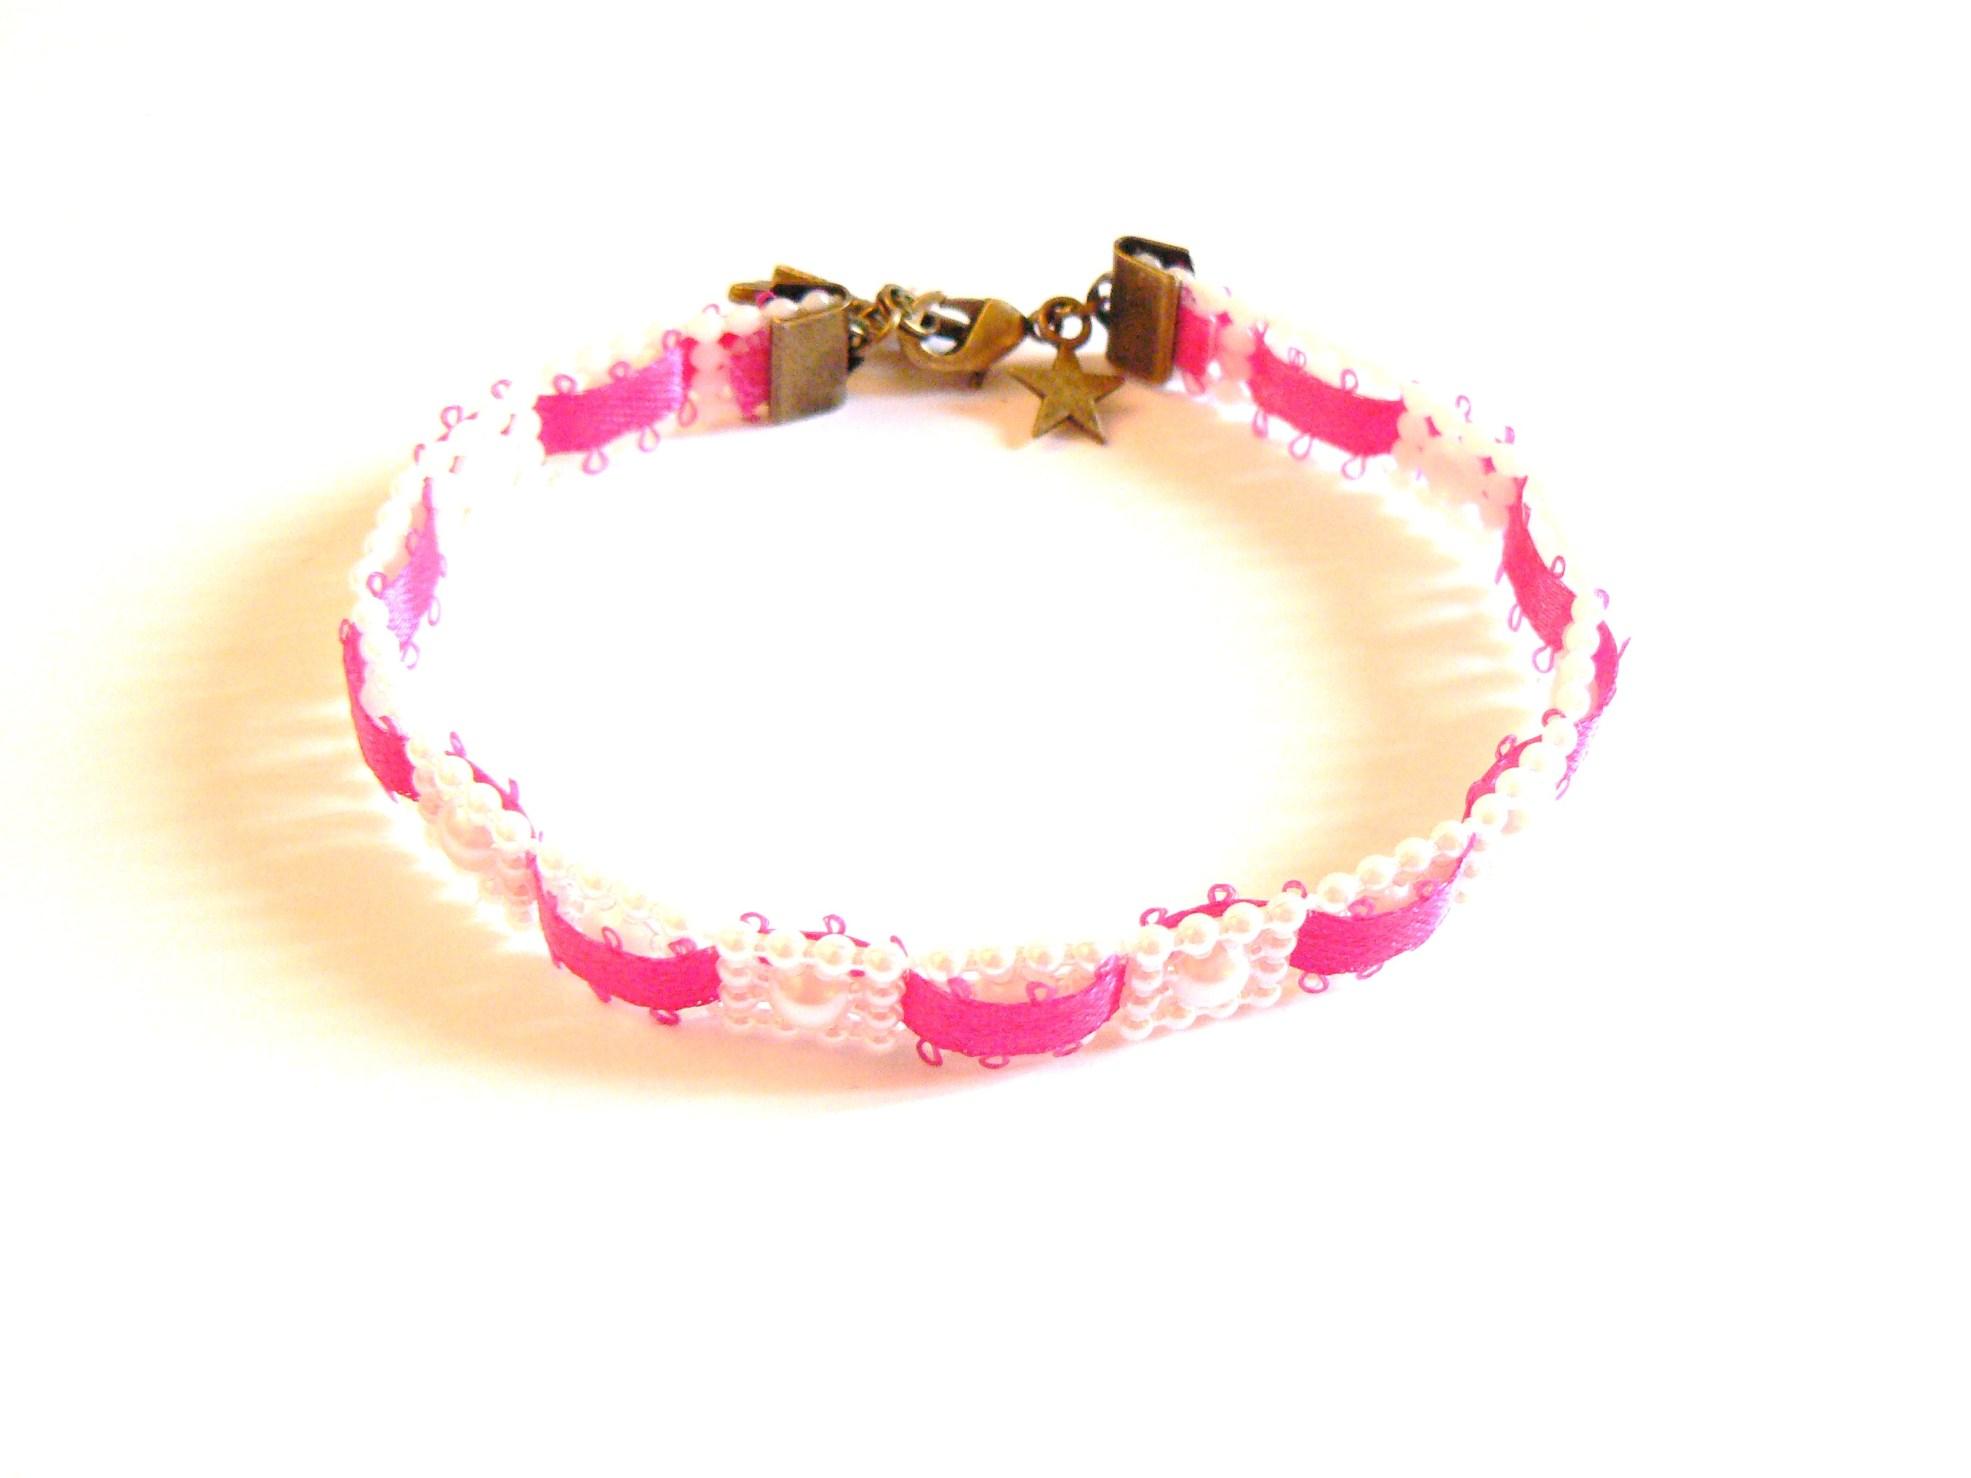 Kit diy bijoux bracelet galon de perles ruban fuchsia autour d 39 elsa - Bracelet perle et ruban ...